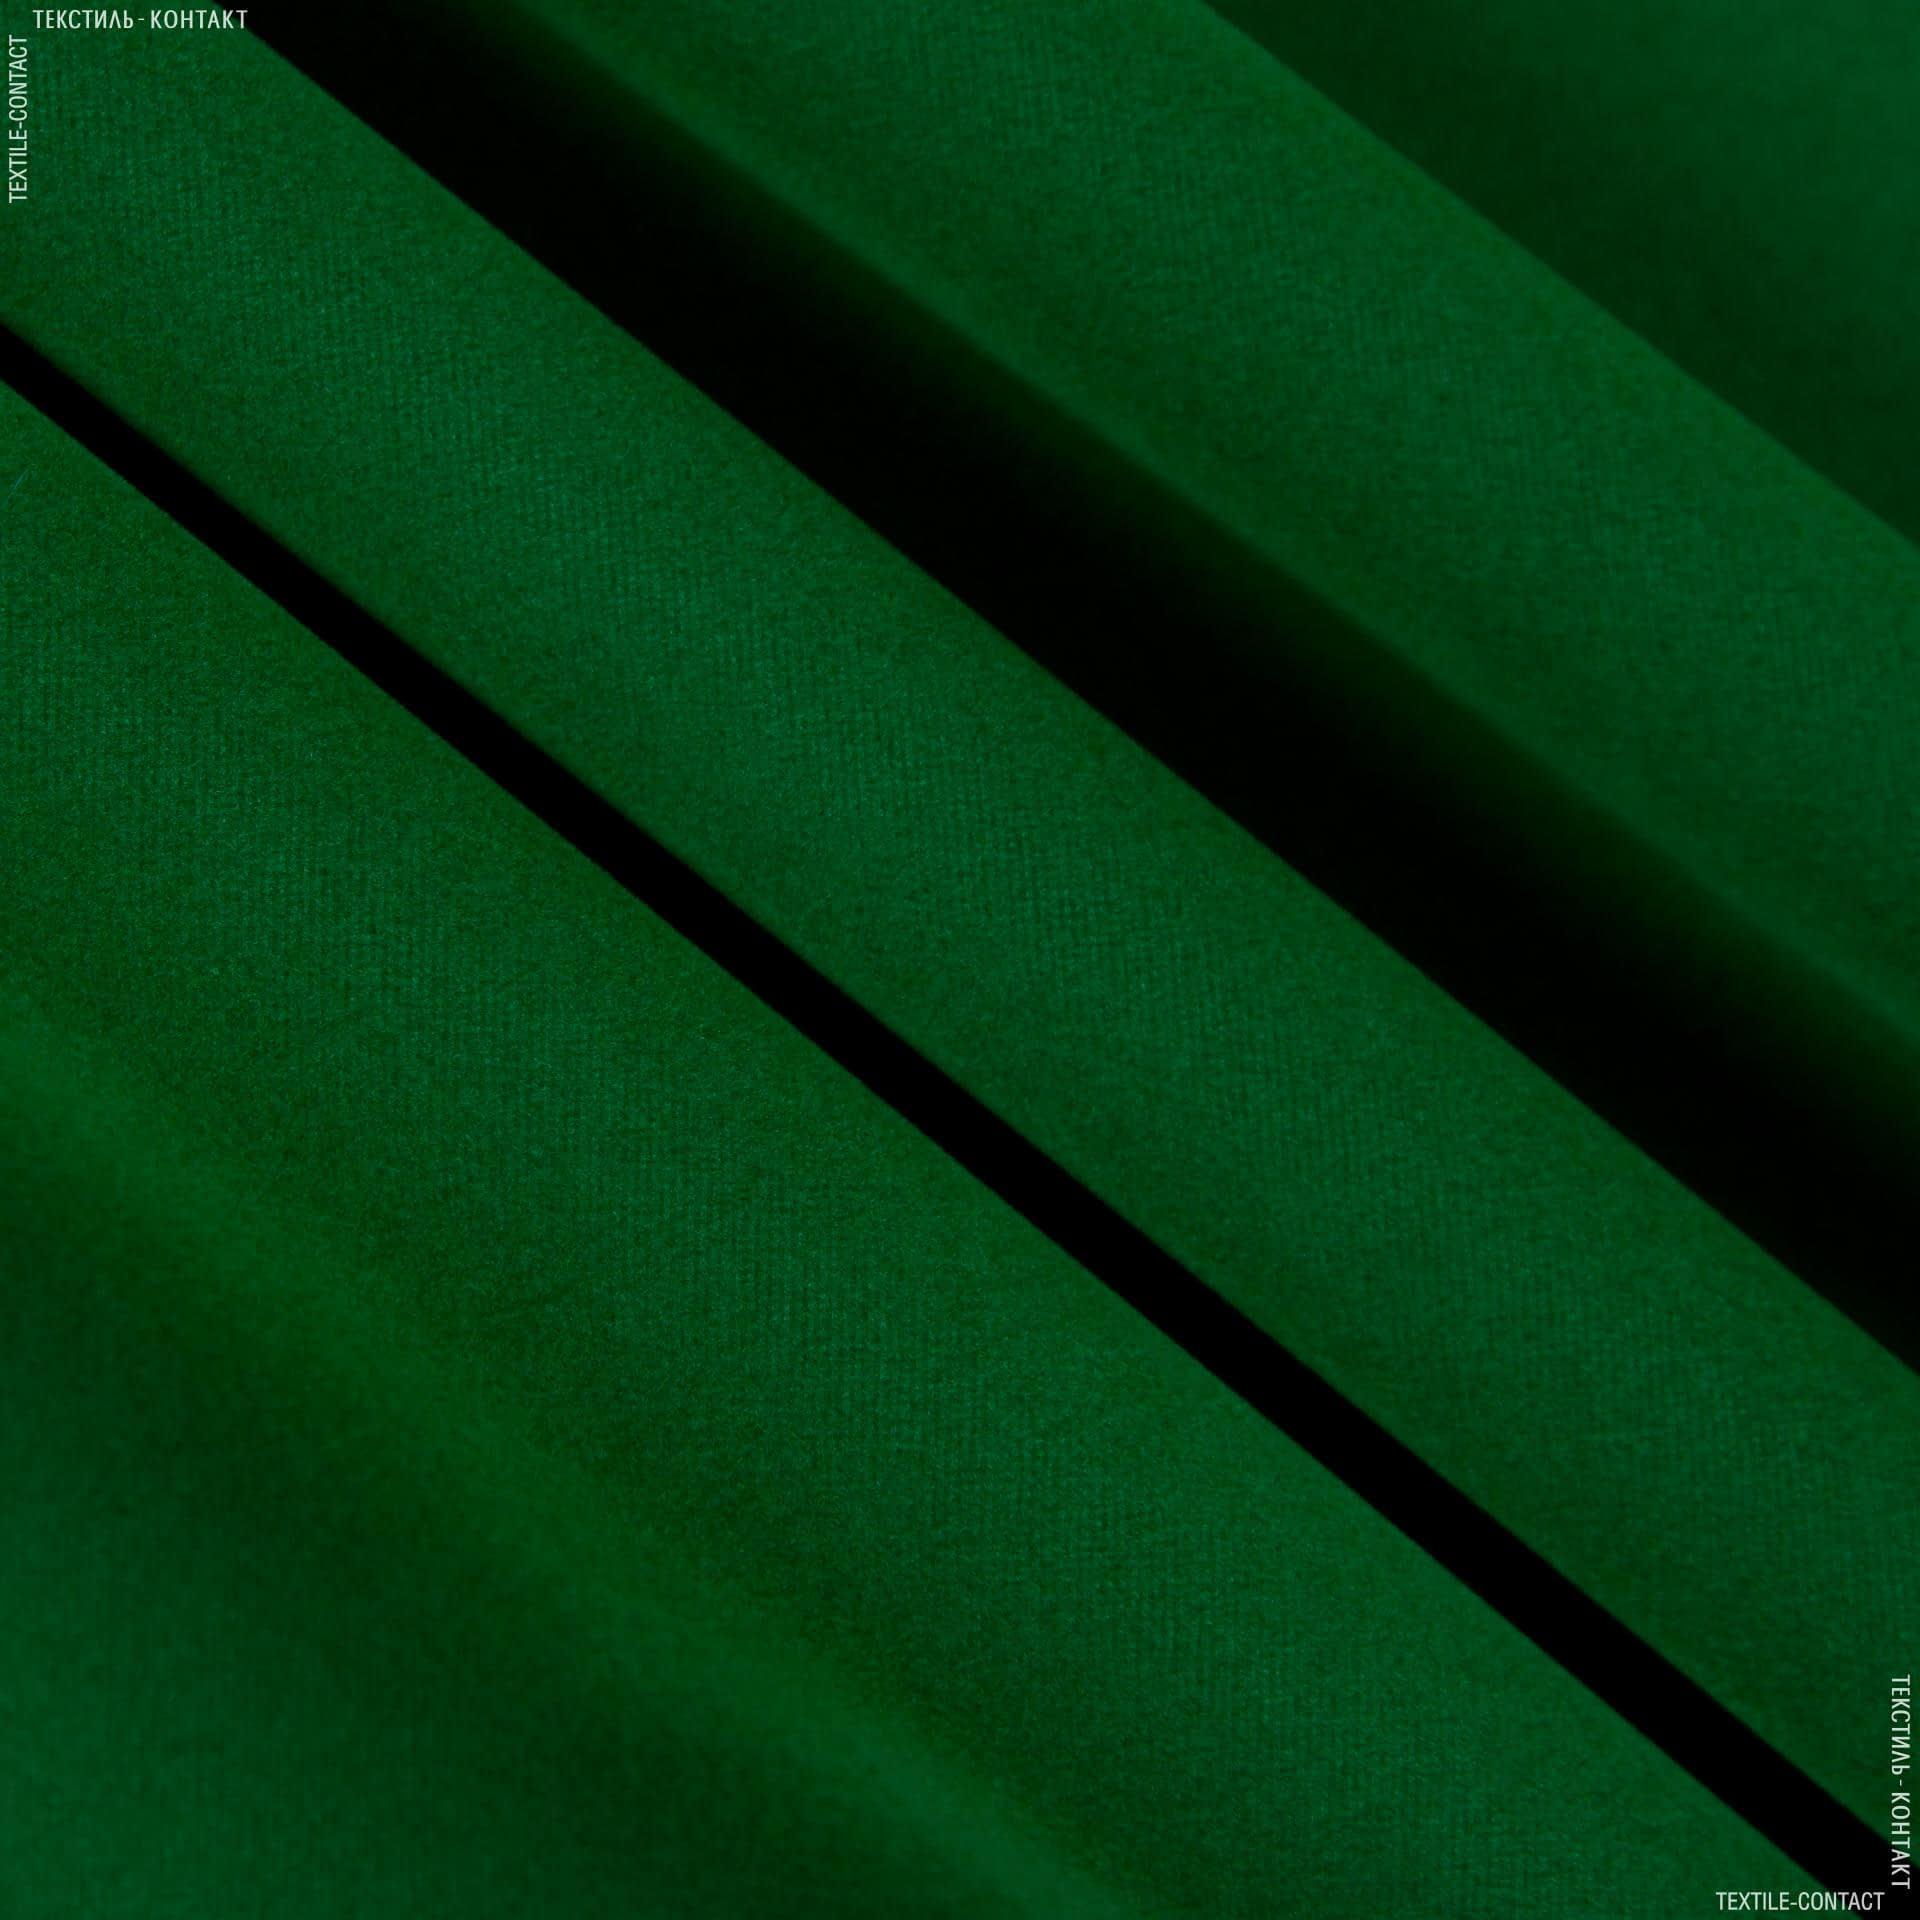 Ткани церковная ткань - Замша искусственная зеленый